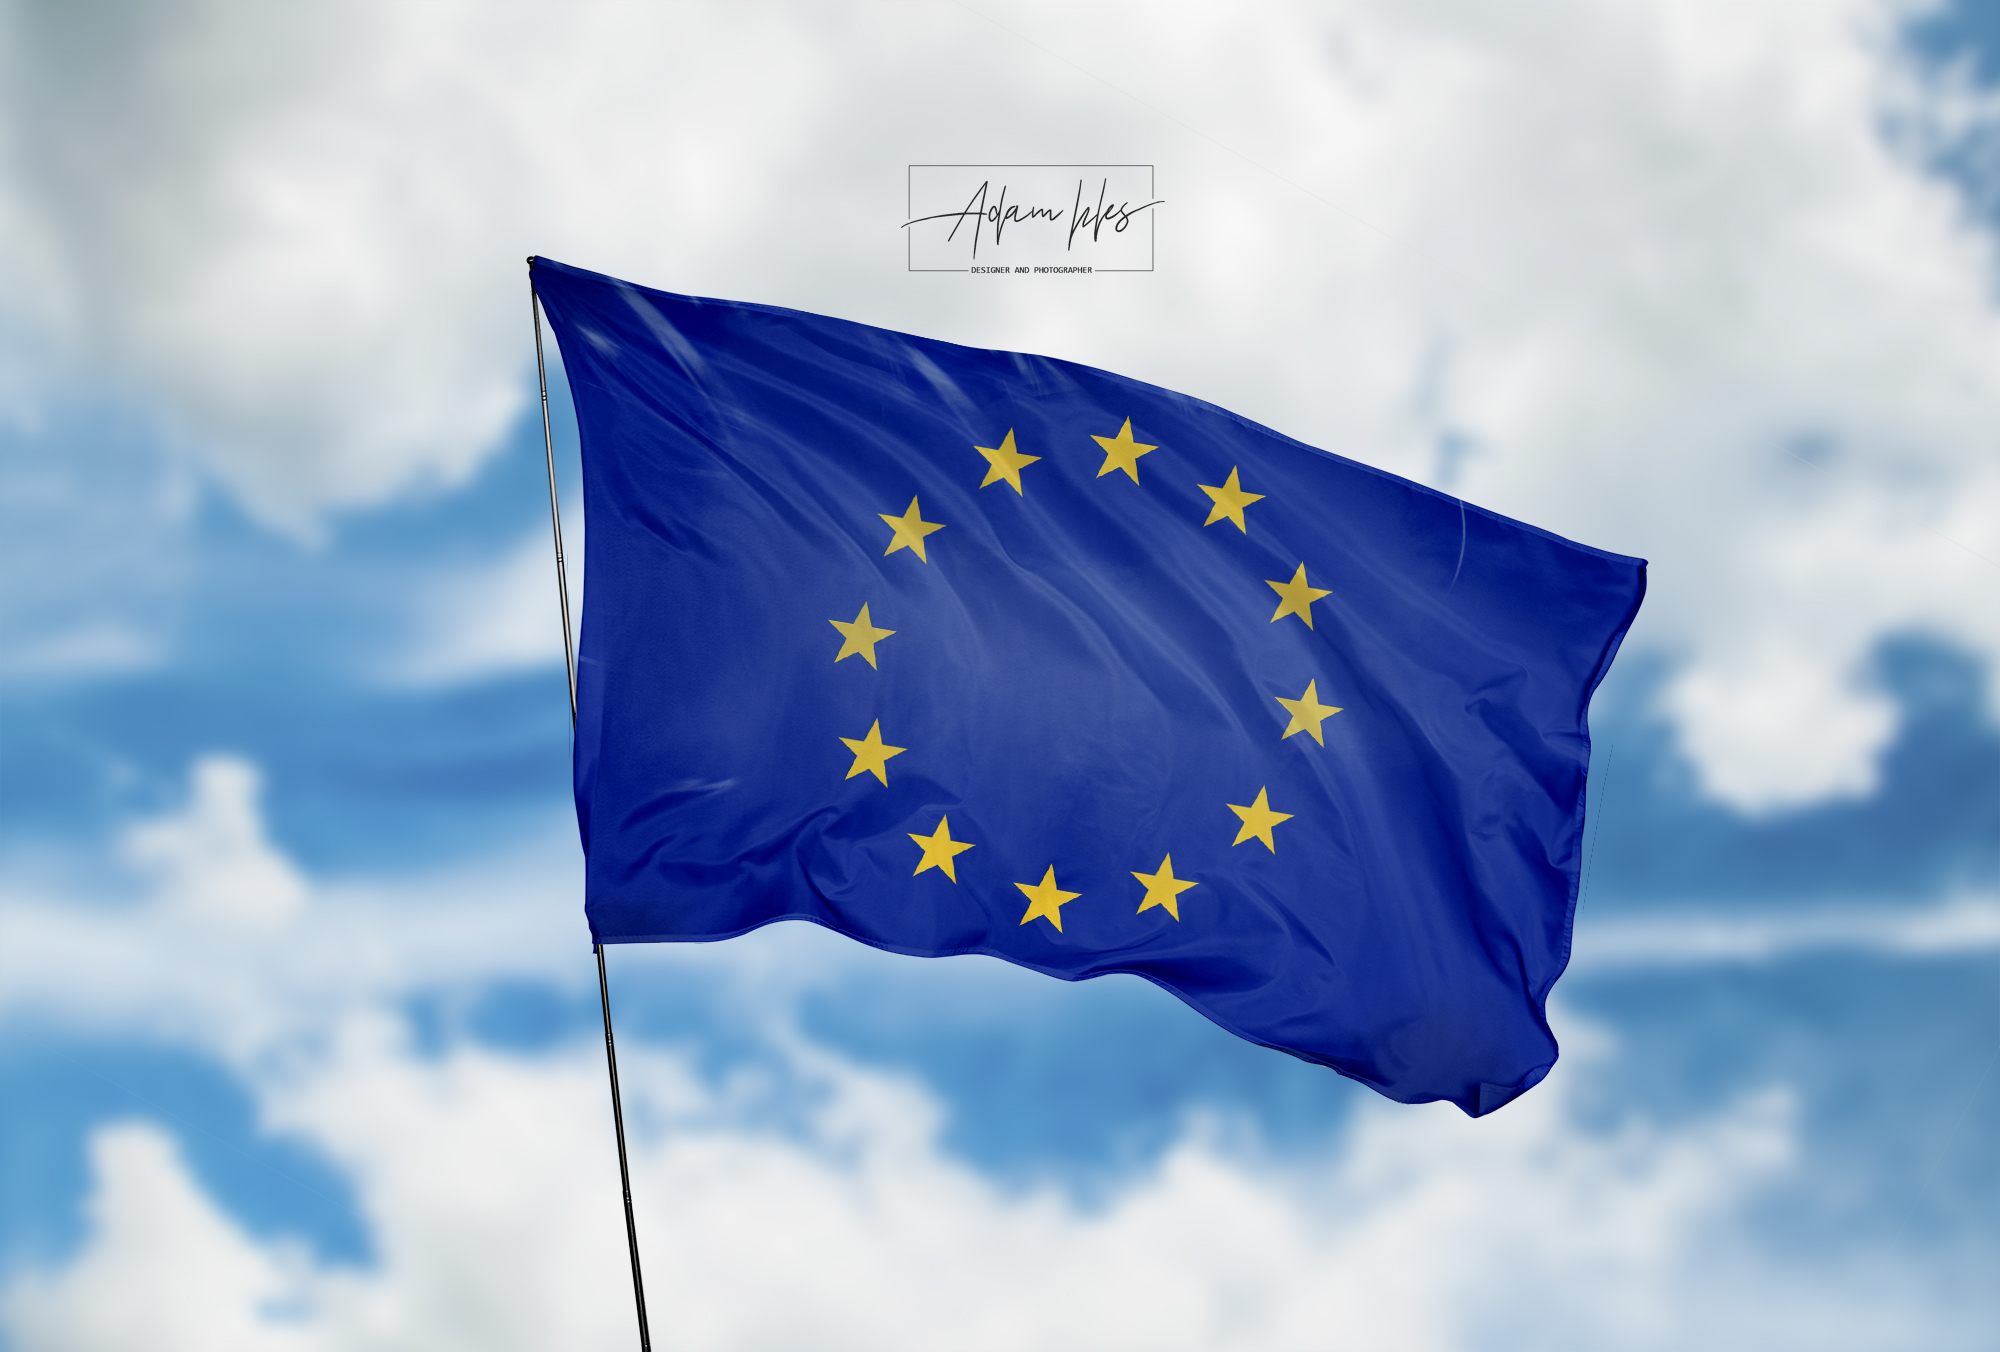 تحميل اجمل خلفية الاتحاد الاوروبي علم الاتحاد الاوروبي يرفرف في السماء